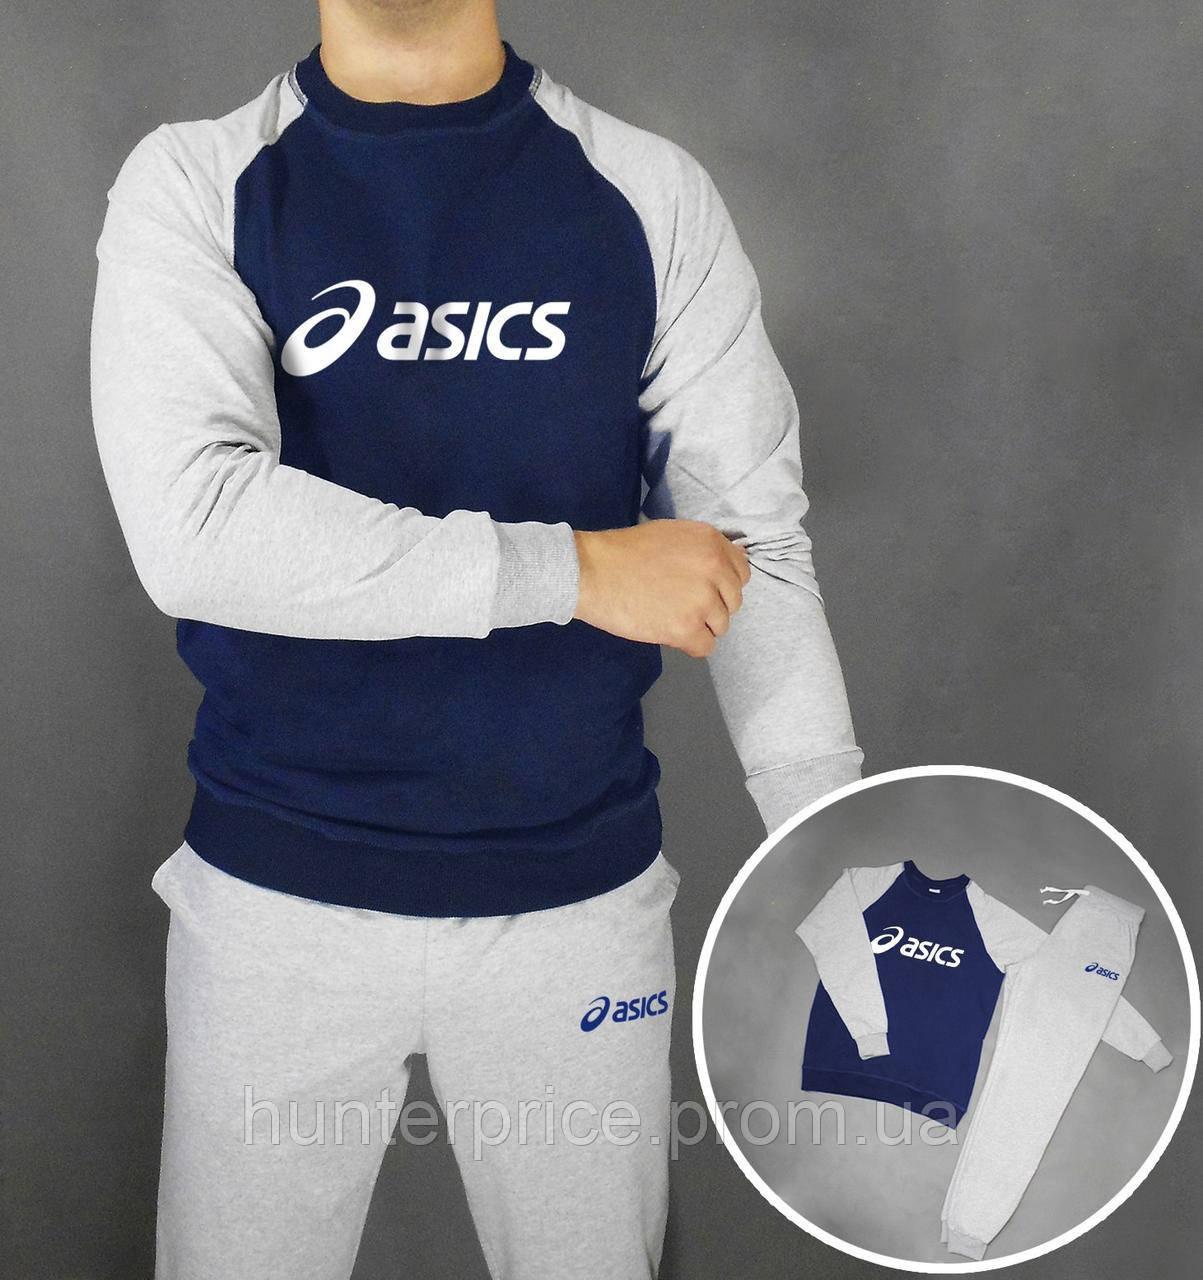 7b524402e421 Мужской спортивный костюм с принтом Asics - Интернет - магазин